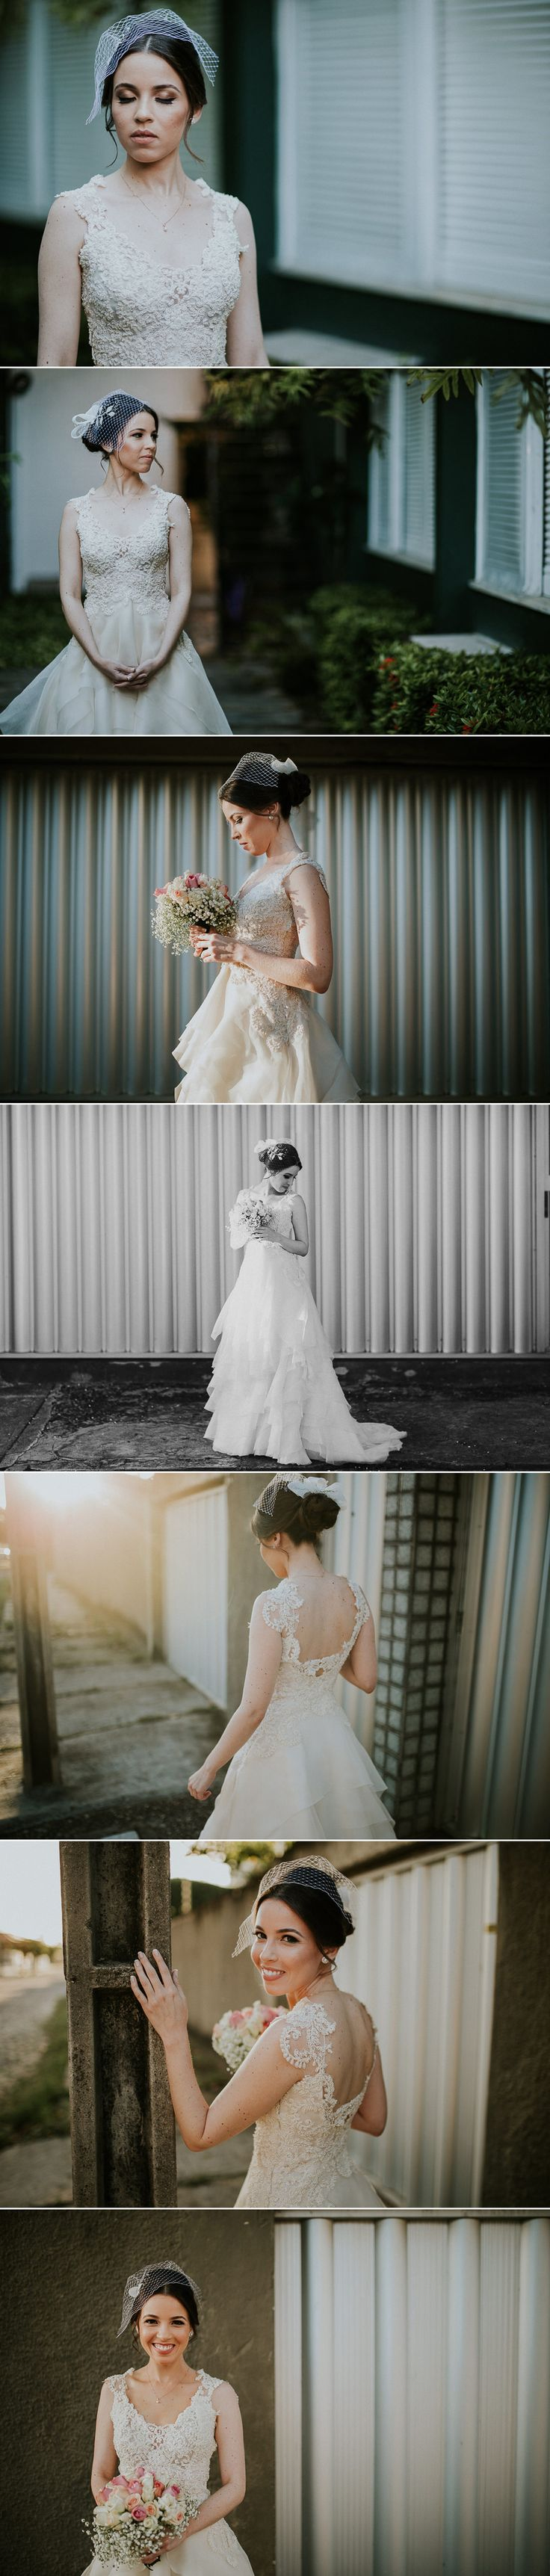 Fotos da Noiva Milena pronta antes do casamento. Inspiração de vestido de casamento para noivas lindas.